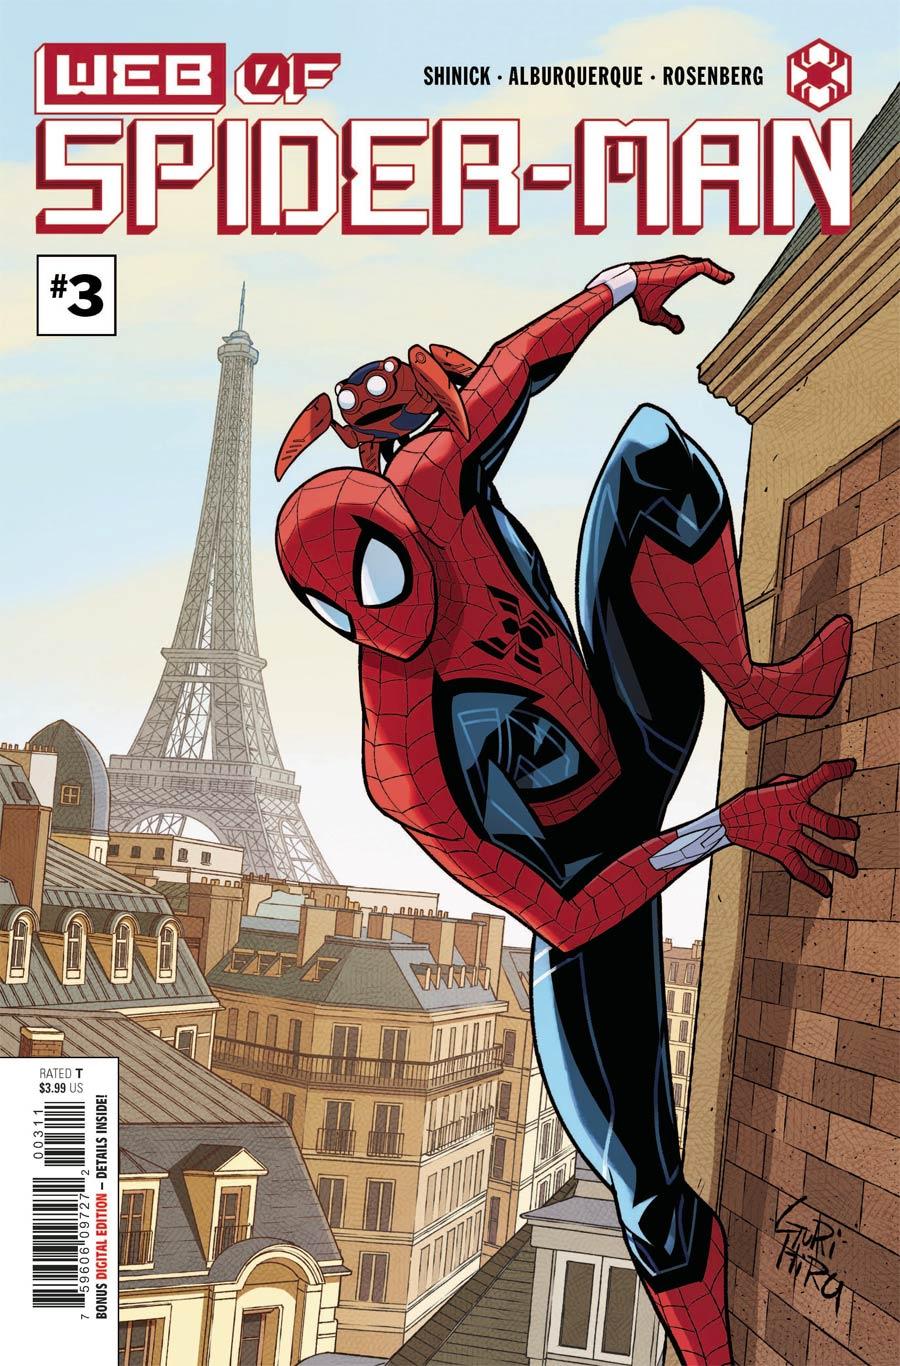 W.E.B. Of Spider-Man #3 Cover A Regular Gurihiru Cover